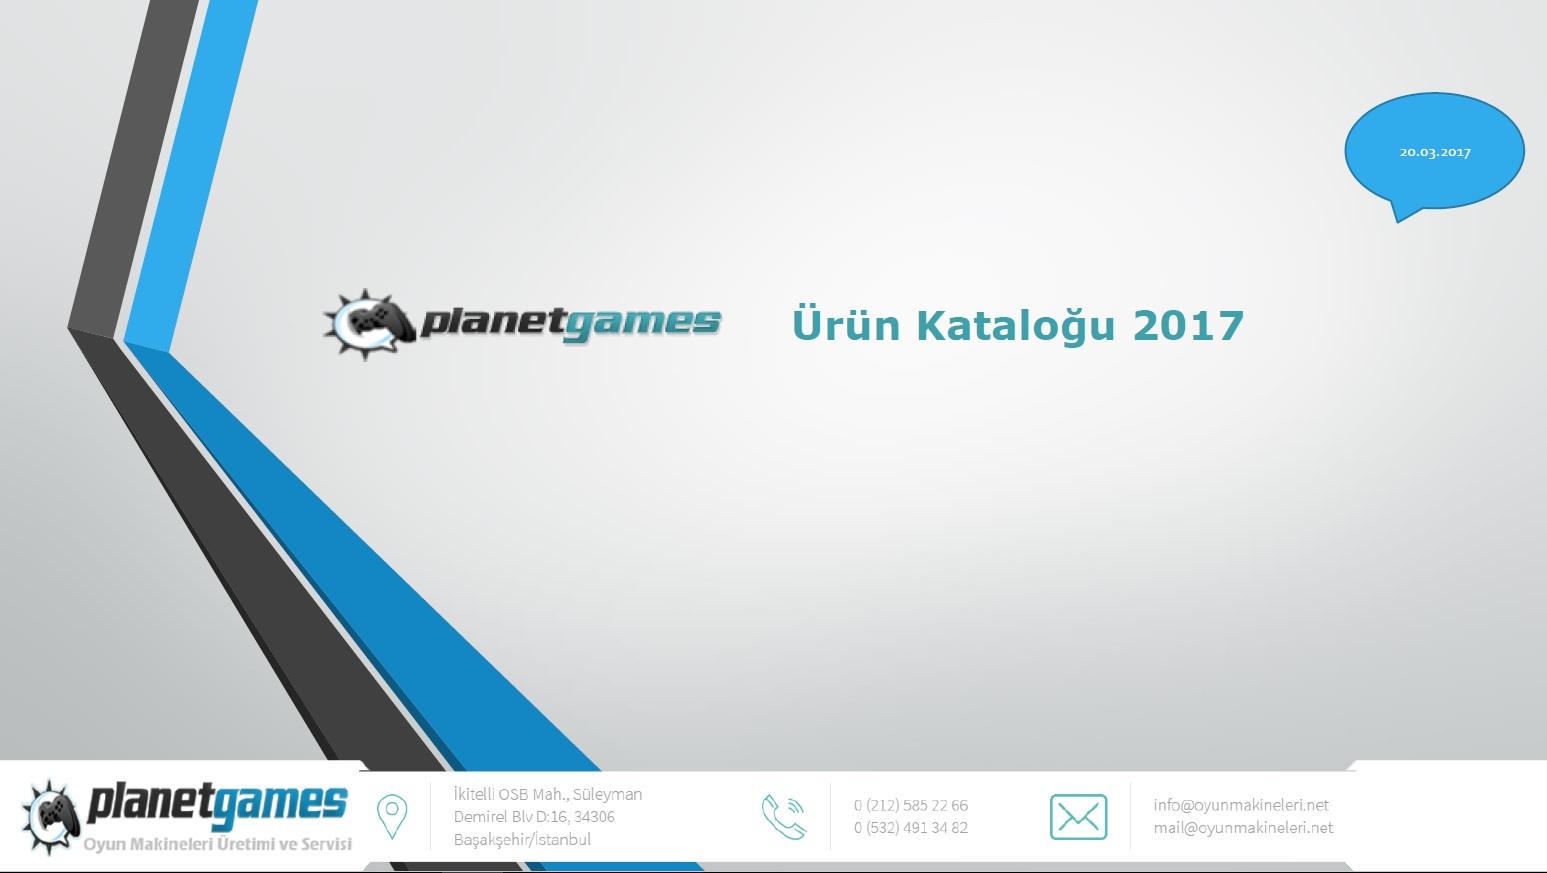 oyun makineleri 2017 katalog